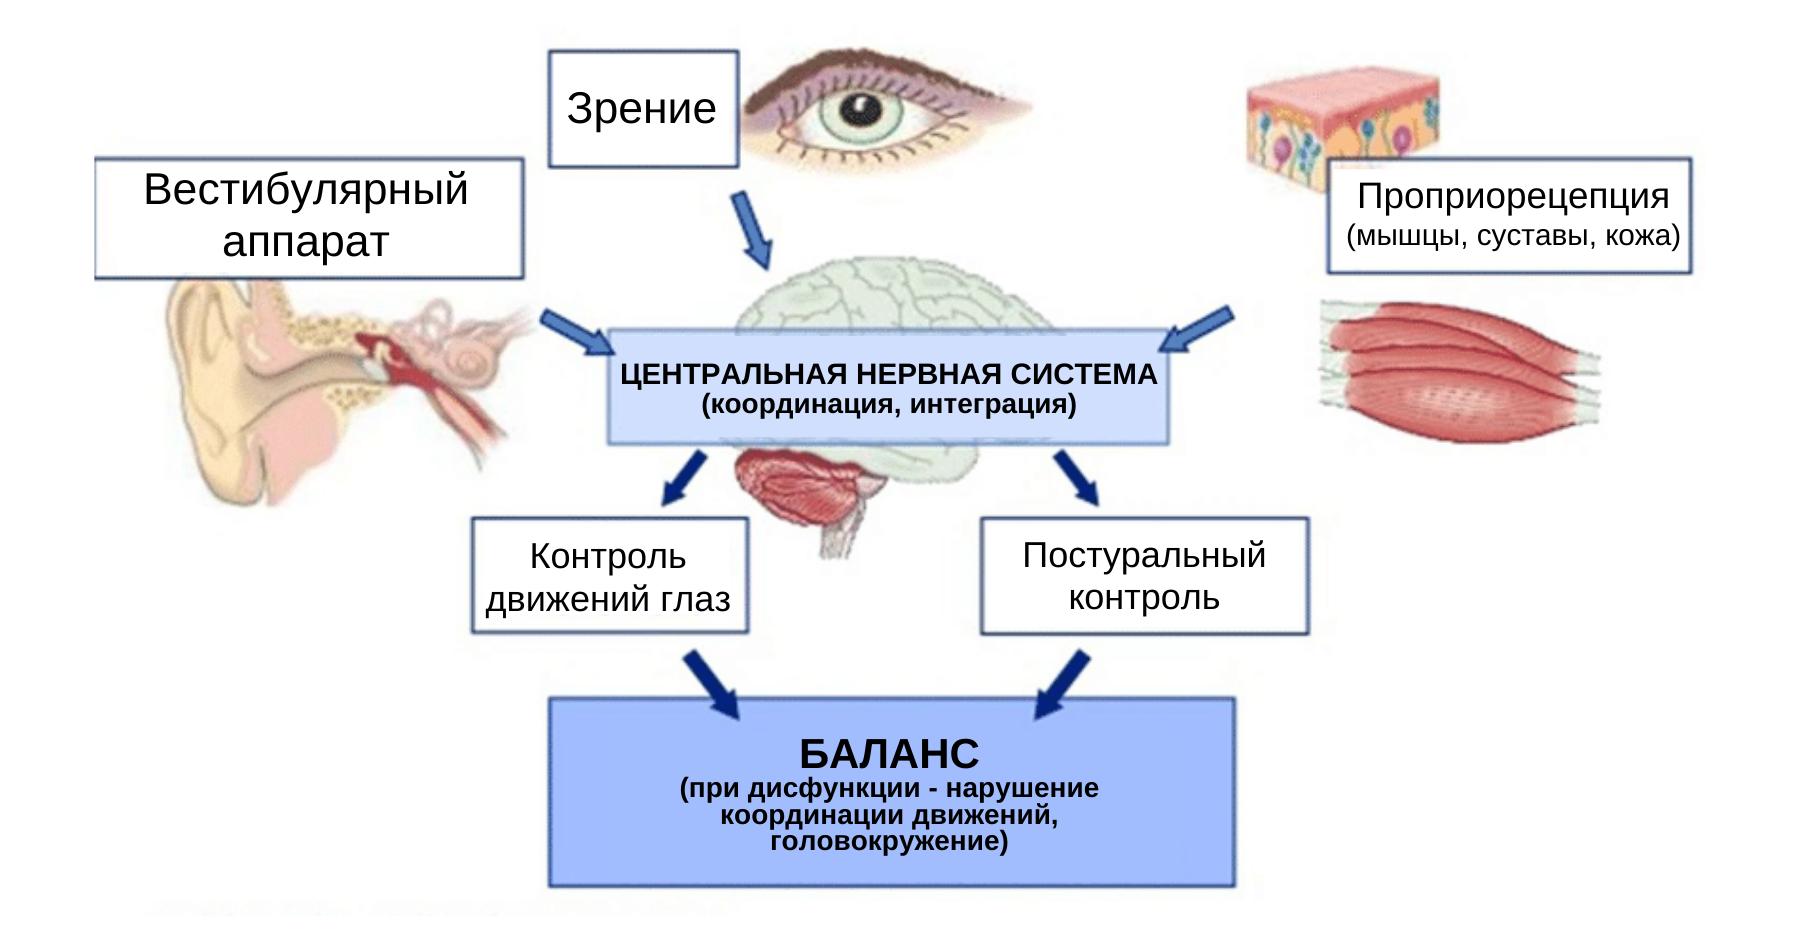 Система постурального контроля